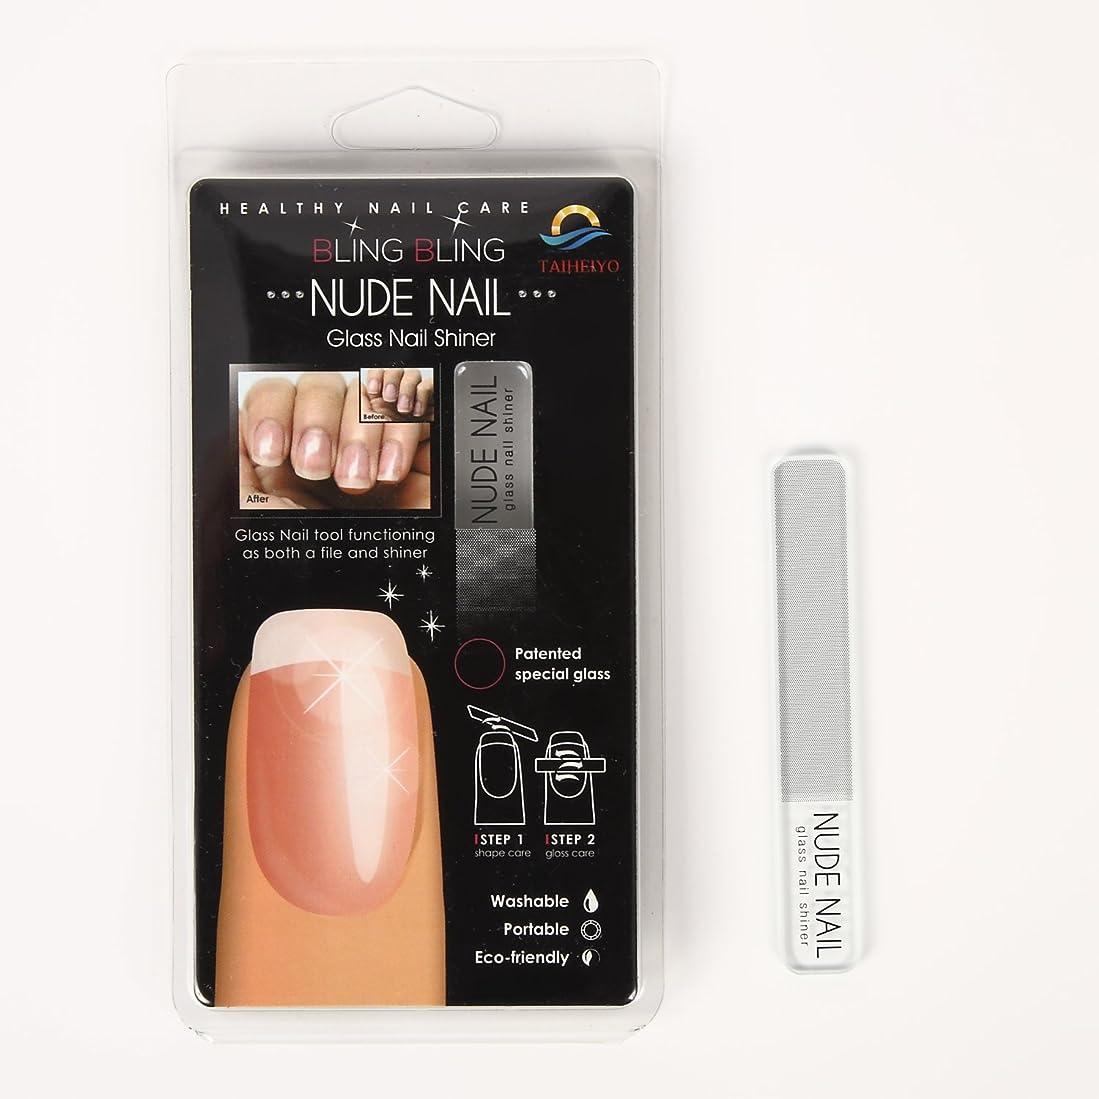 会員嫌がらせ水分ヌードネイル NUDE NAIL ガラ ス製爪磨き ガラスネイルシャイナー GLASS NAIL SHINER TAIHEIYO (1本) 爪やすり 爪みがき